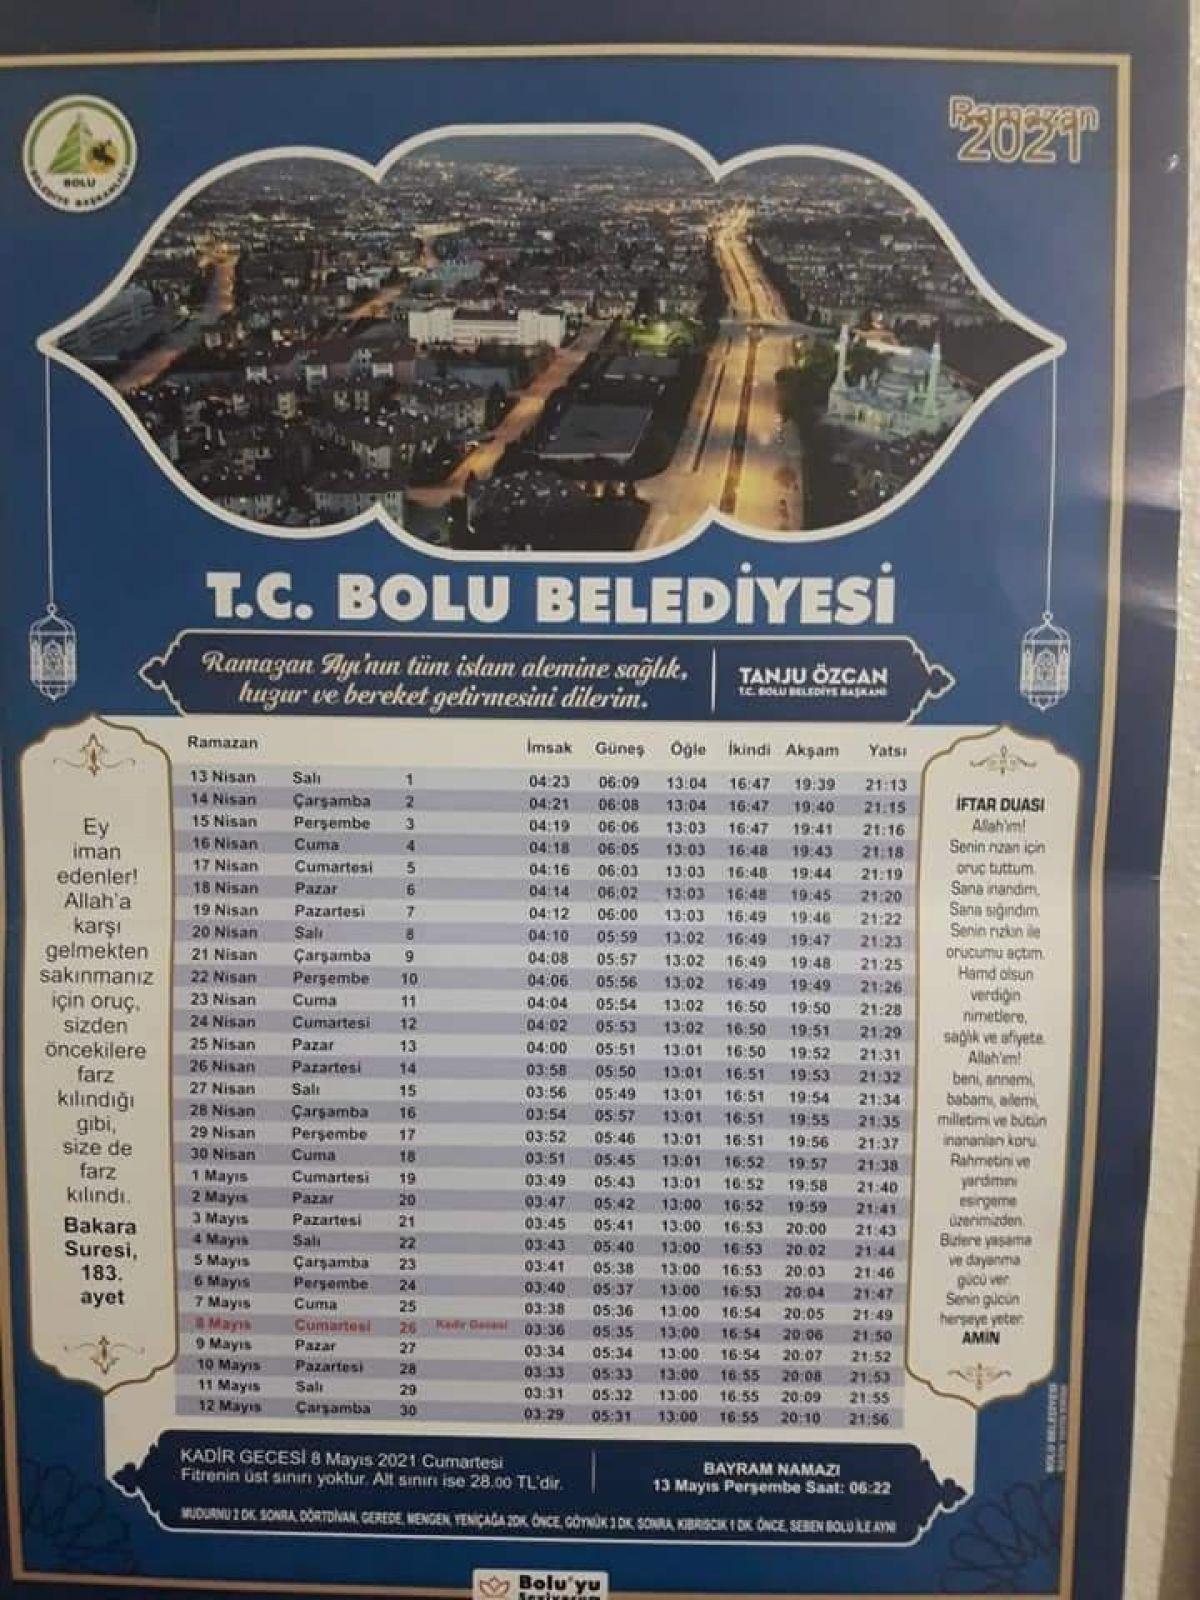 Bolu Belediye Başkanı Tanju Özcan dan  yanlış imsakiye  özrü #1